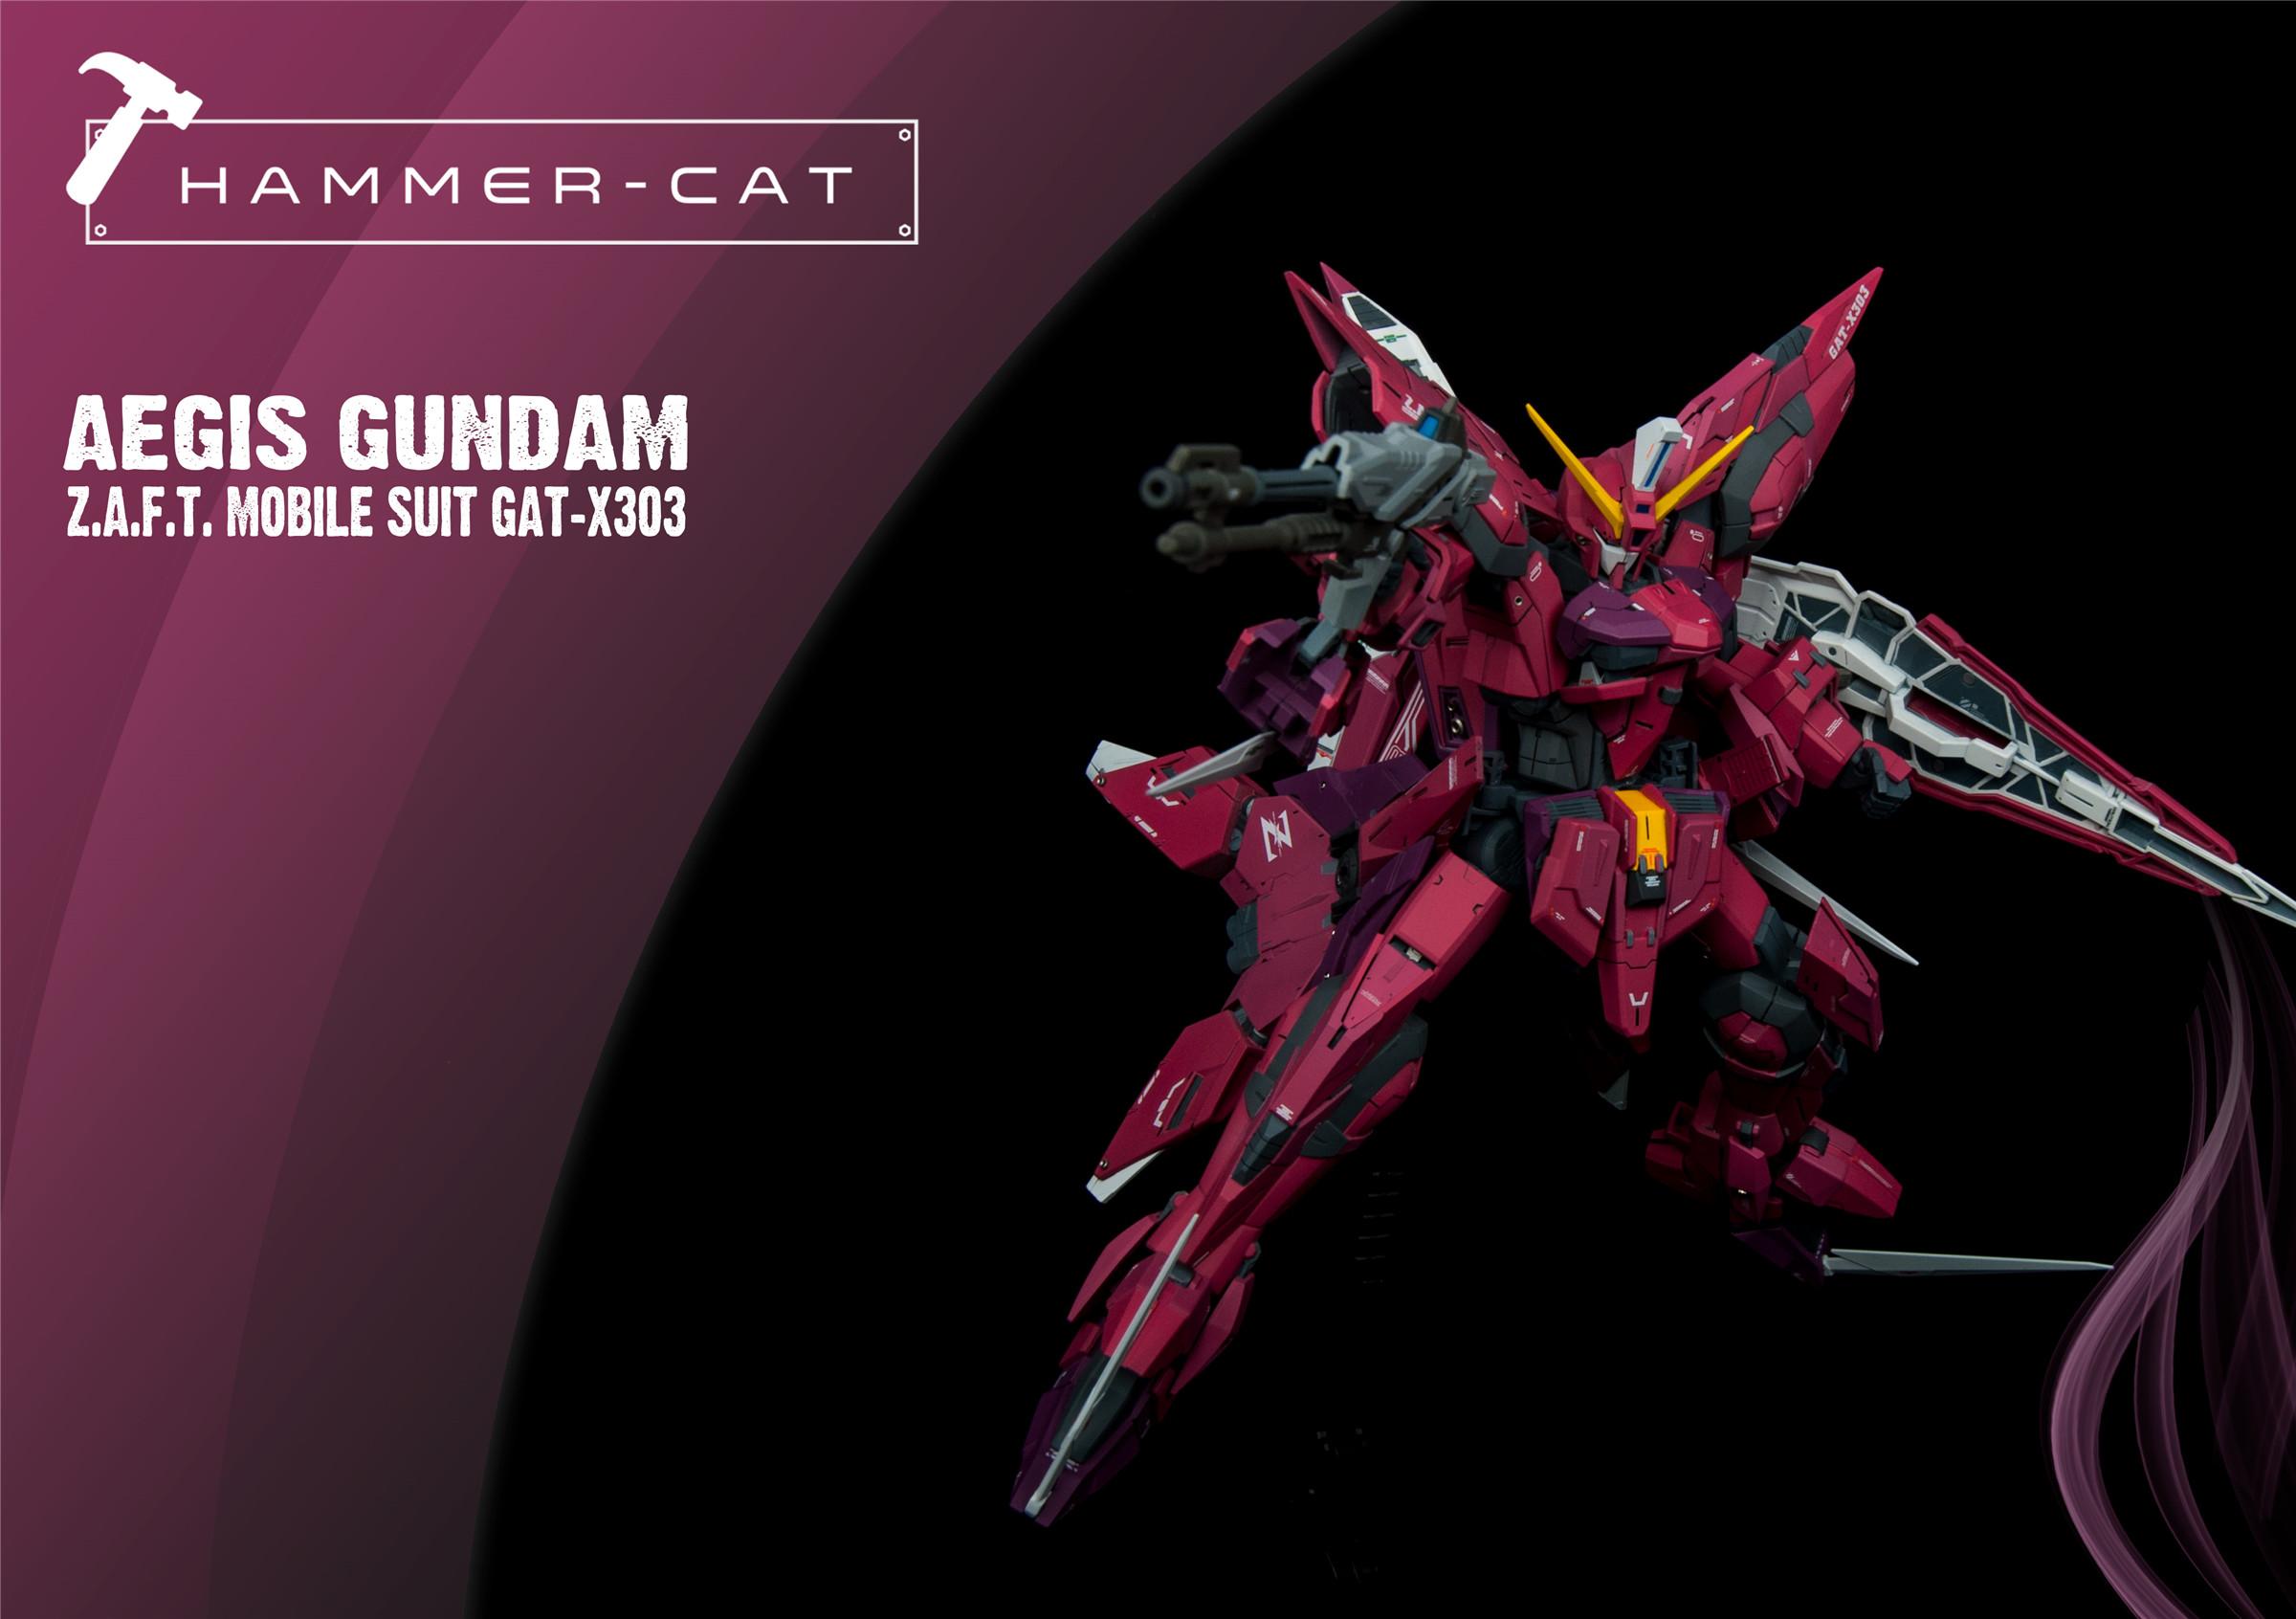 G579_GAT_X303_Aegis_Gundam_006.jpg